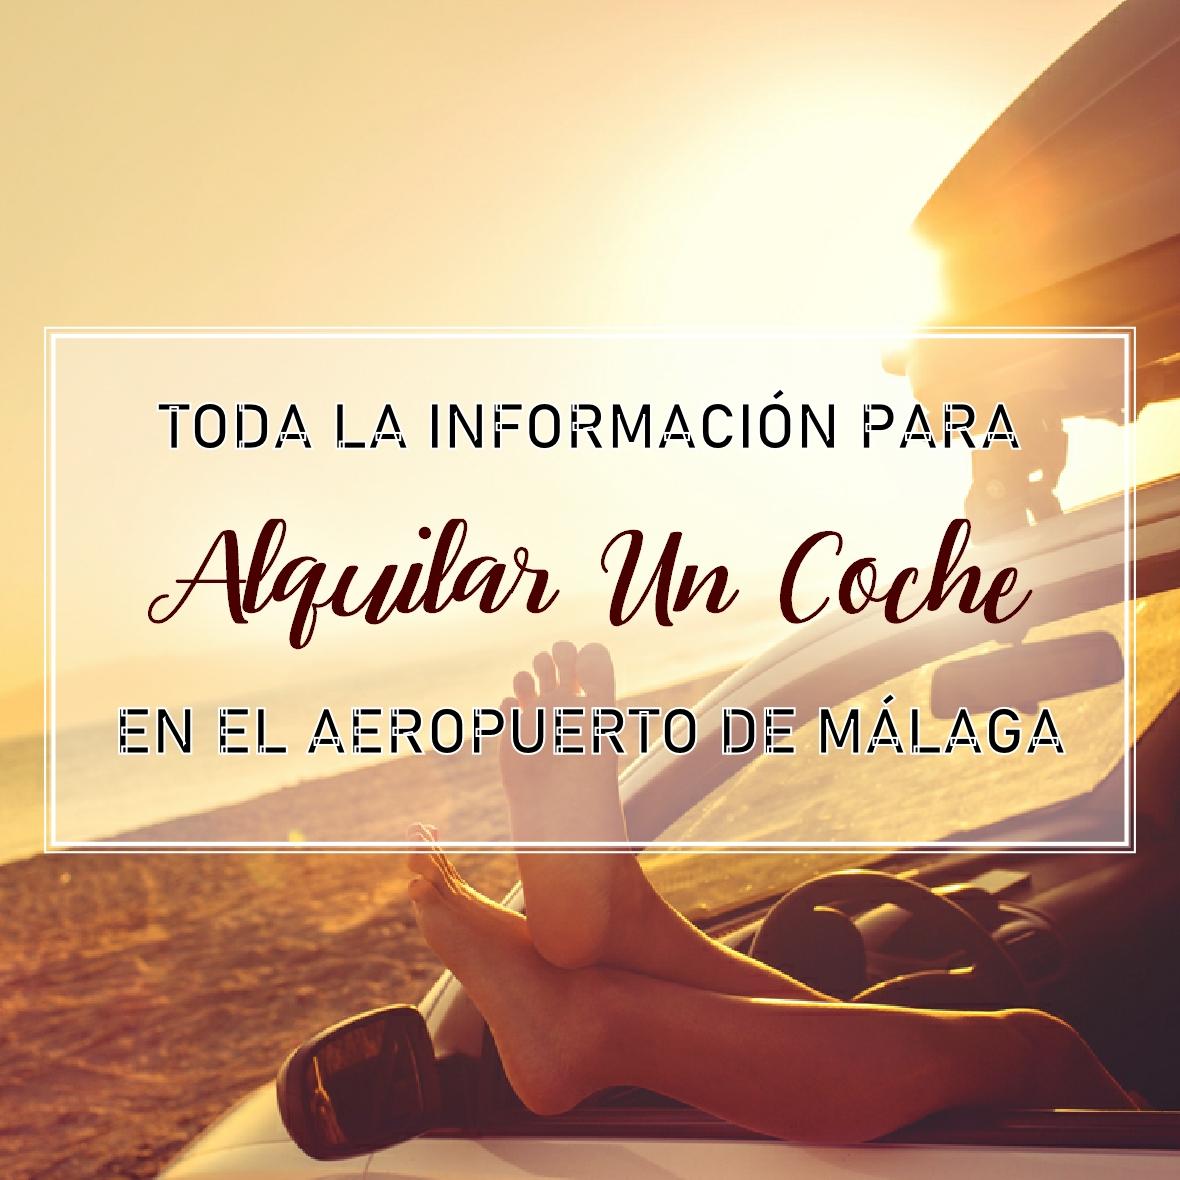 Alquilar Coche en Aeropuerto Malaga